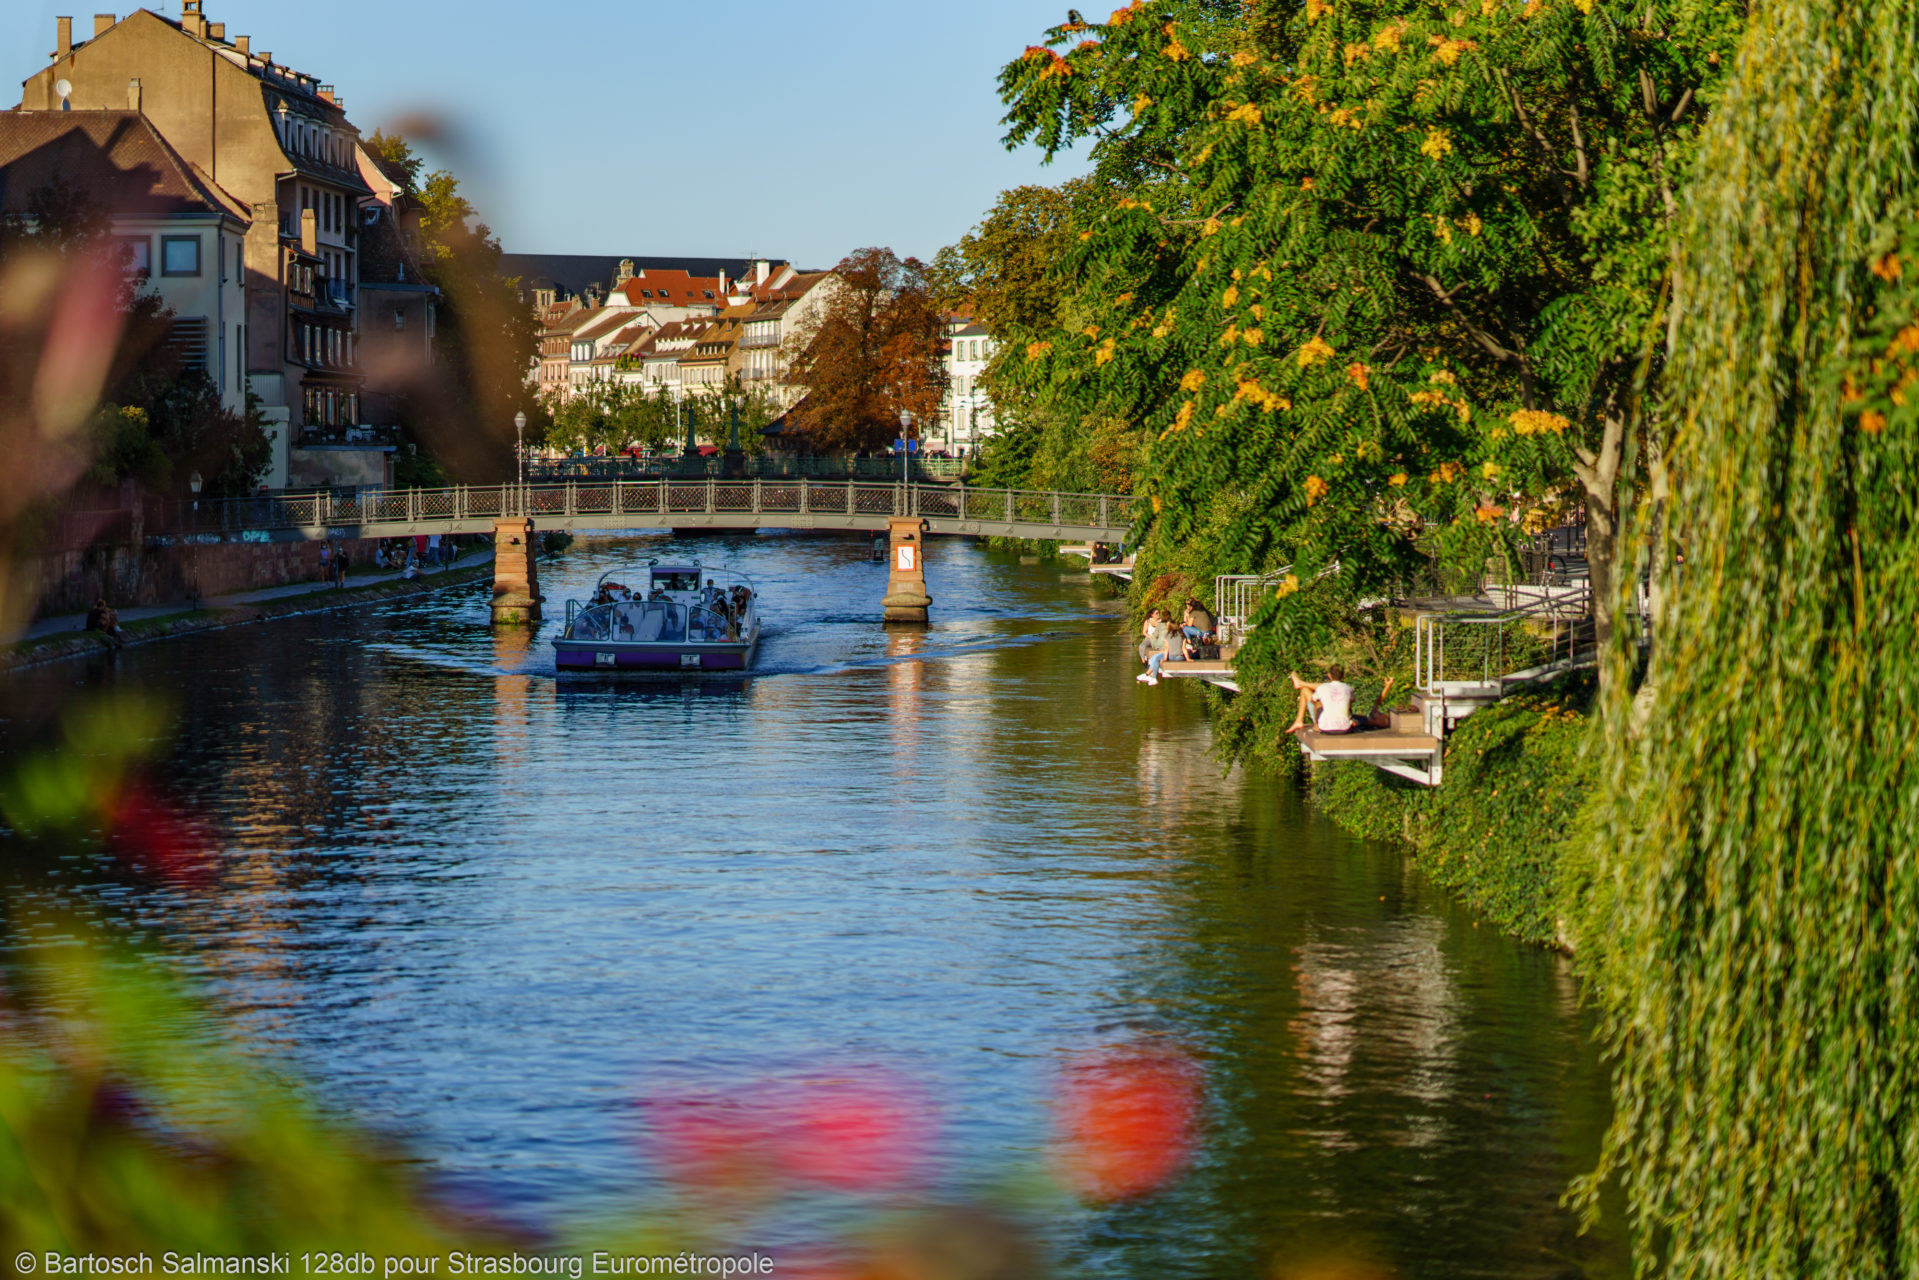 Une promenade en bateau sur l'Ill à Strasbourg pendant l'été